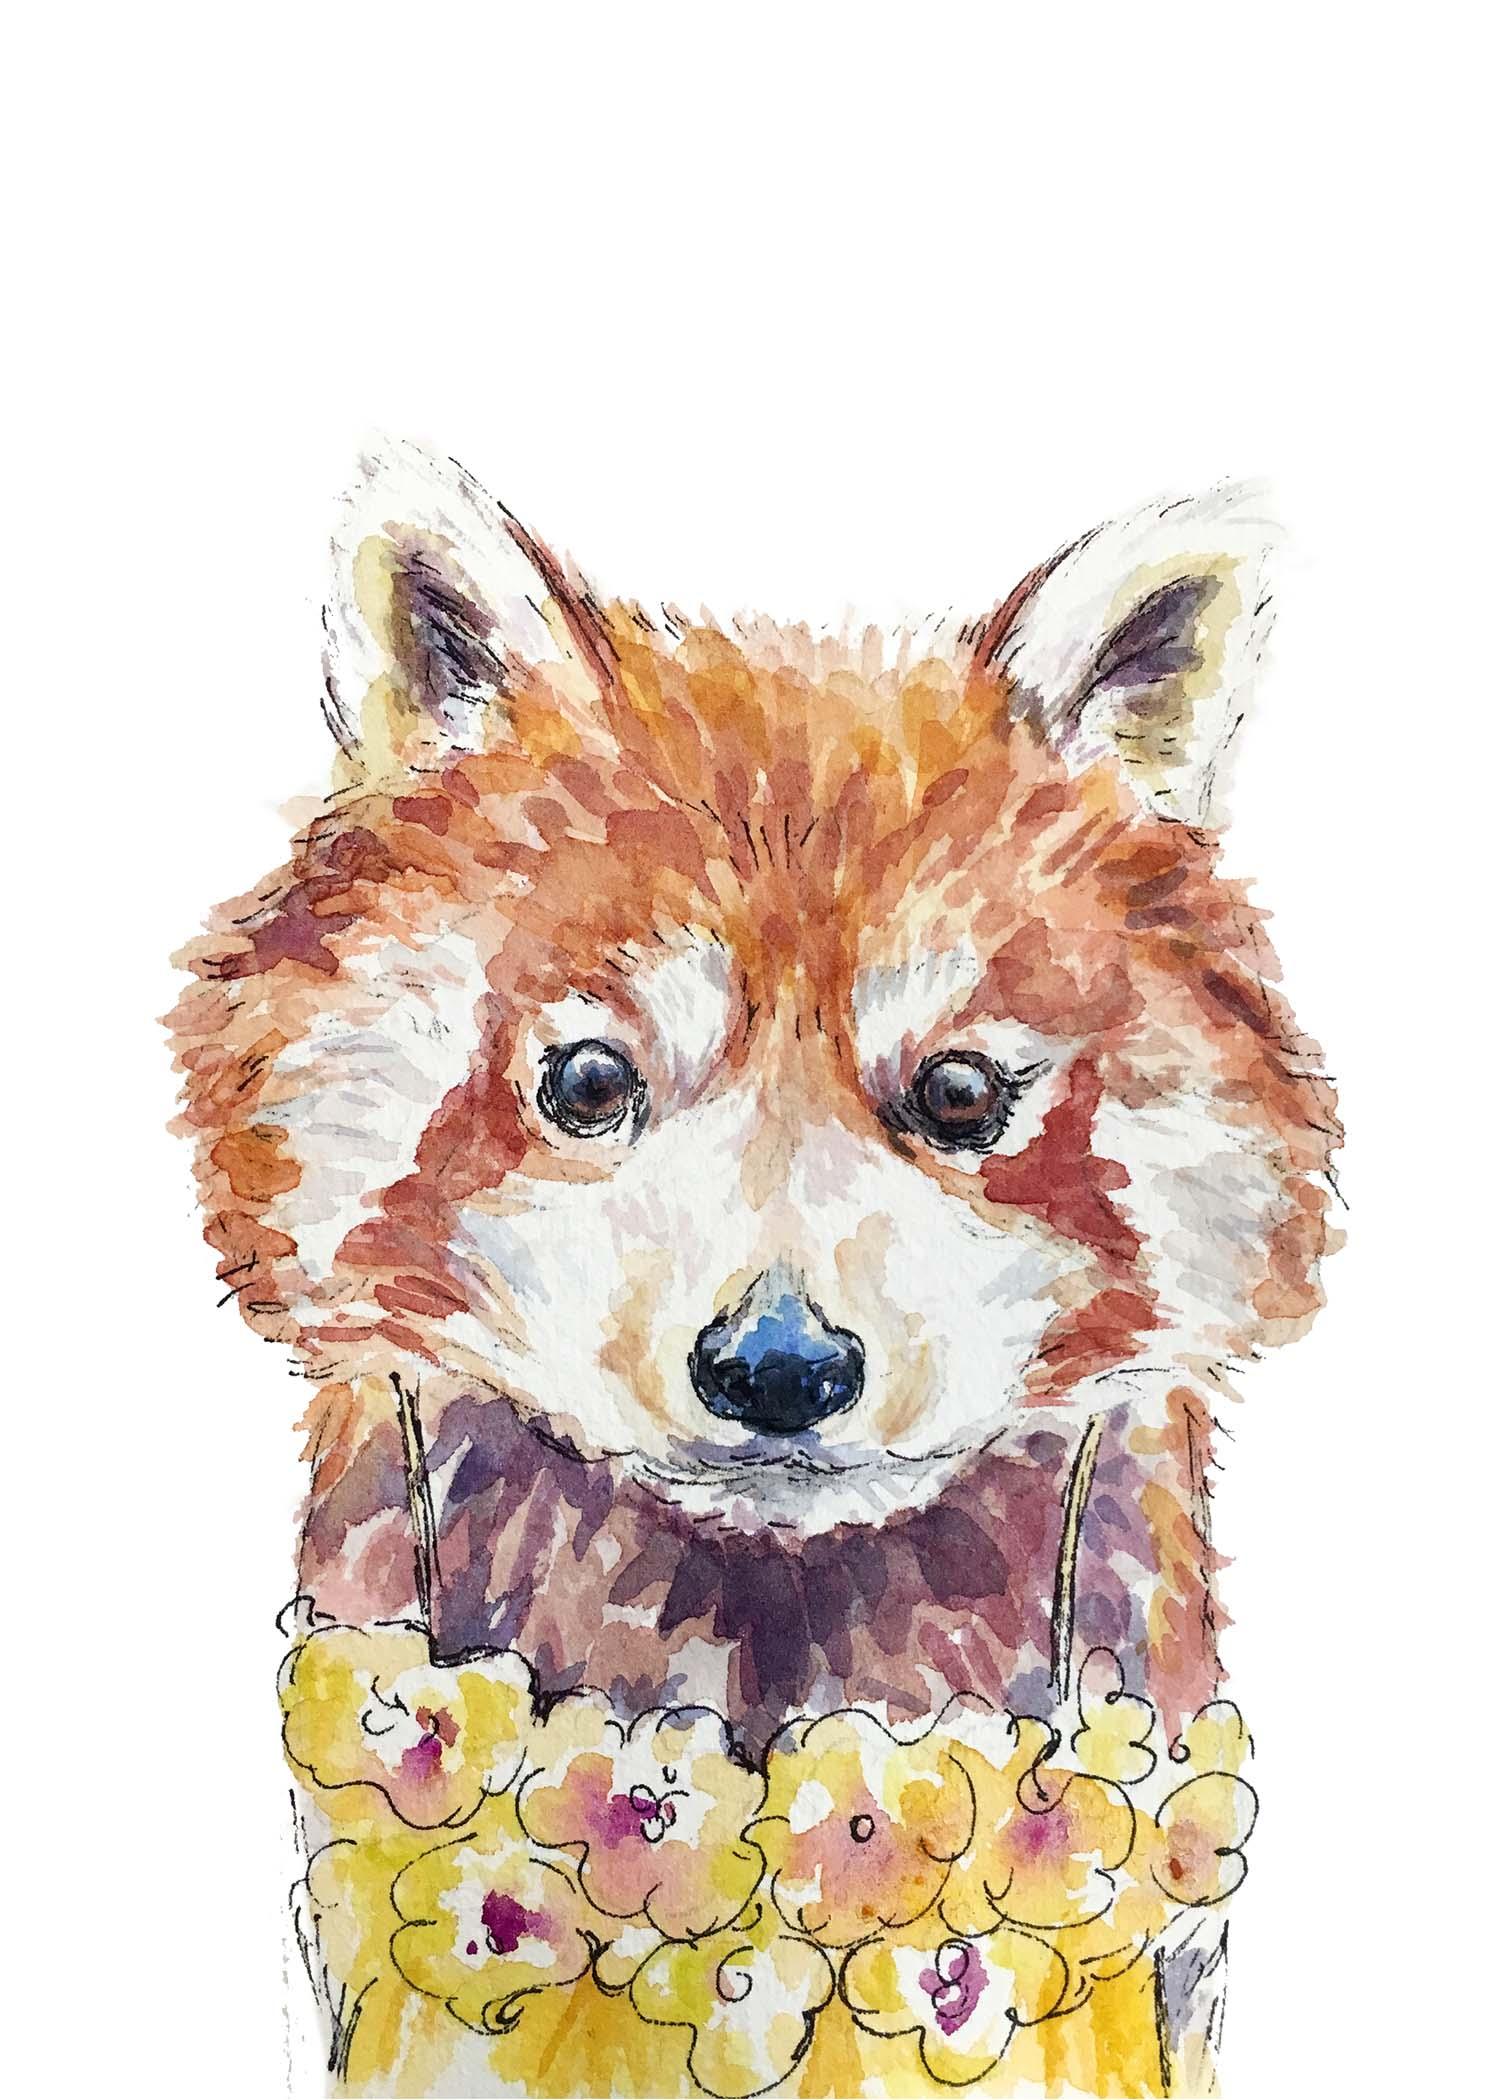 Red-panda-dress-5x7.jpg